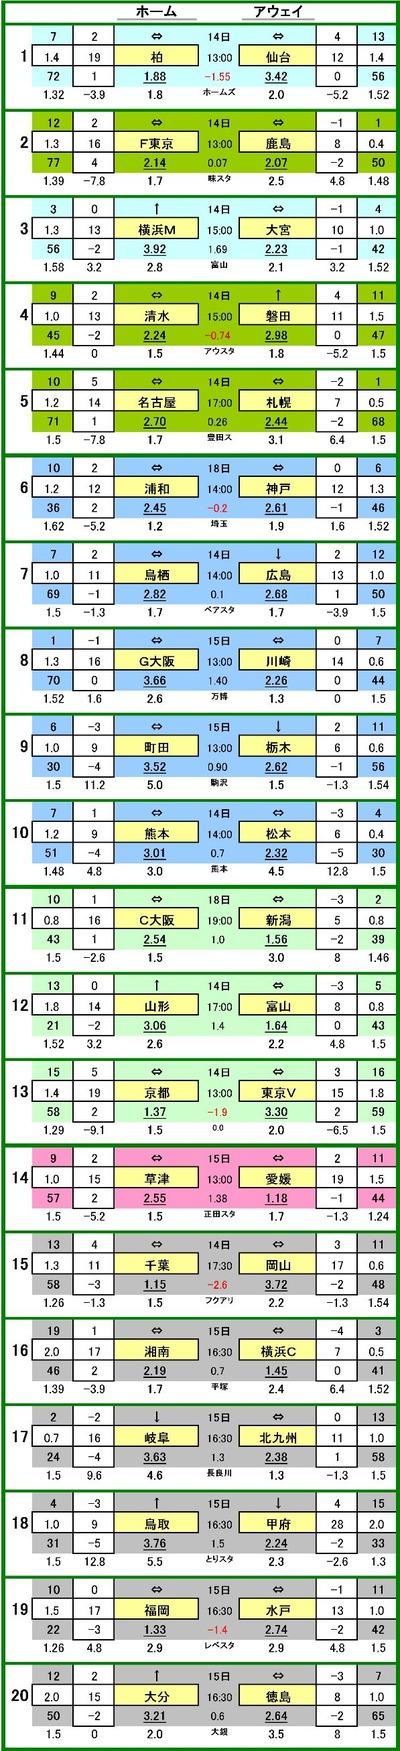 第558 回toto対戦データ一覧1 柏レイソル VS ベガルタ仙台 40.0 % 15.4 % 44.6 %2 FC東京 VS 鹿島アントラーズ 32.3 % 43.2 % 24.5 %3 横浜F・マリノス VS 大宮アルディージャ 48.8 % 11.3 % 40.0 %4 清水エスパルス VS ジュビロ磐田 35.6 % 26.6 % 37.8 %5 名古屋グランパス VS コンサドーレ札幌 33.8 % 38.5 % 27.6 %6 浦和レッズ VS ヴィッセル神戸 26.1 % 40.9 % 33.0 %7 サガン鳥栖 VS サンフレッチェ広島 32.8 % 41.6 % 25.6 %8 ガンバ大阪 VS 川崎フロンターレ 48.8 % 11.3 % 40.0 %9 FC町田ゼルビア VS 栃木SC 39.2 % 22.5 % 38.4 %10 ロアッソ熊本 VS 松本山雅 37.4 % 27.8 % 34.8 %11 セレッソ大阪 VS アルビレックス新潟 39.8 % 20.5 % 39.7 %12 モンテディオ山形 VS カターレ富山 48.8 % 11.3 % 40.0 %13 京都サンガ VS 東京ヴェルディ 40.0 % 12.3 % 47.7 %14 ザスパ草津 VS 愛媛FC 48.8 % 11.3 % 40.0 %15 ジェフ千葉 VS ファジアーノ岡山 40.0 % 6.9 % 53.1 %16 湘南ベルマーレ VS 横浜FC 37.8 % 26.6 % 35.6 %17 FC岐阜 VS ギラヴァンツ北九州 58.8 % 1.2 % 40.0 %18 ガイナーレ鳥取 VS ヴァンフォーレ甲府 48.8 % 11.3 % 40.0 %19 アビスパ福岡 VS 水戸ホーリーホック 40.0 % 16.6 % 43.4 %20 大分トリニータ VS 徳島ヴォルティス 36.4 % 30.7 % 32.9 %